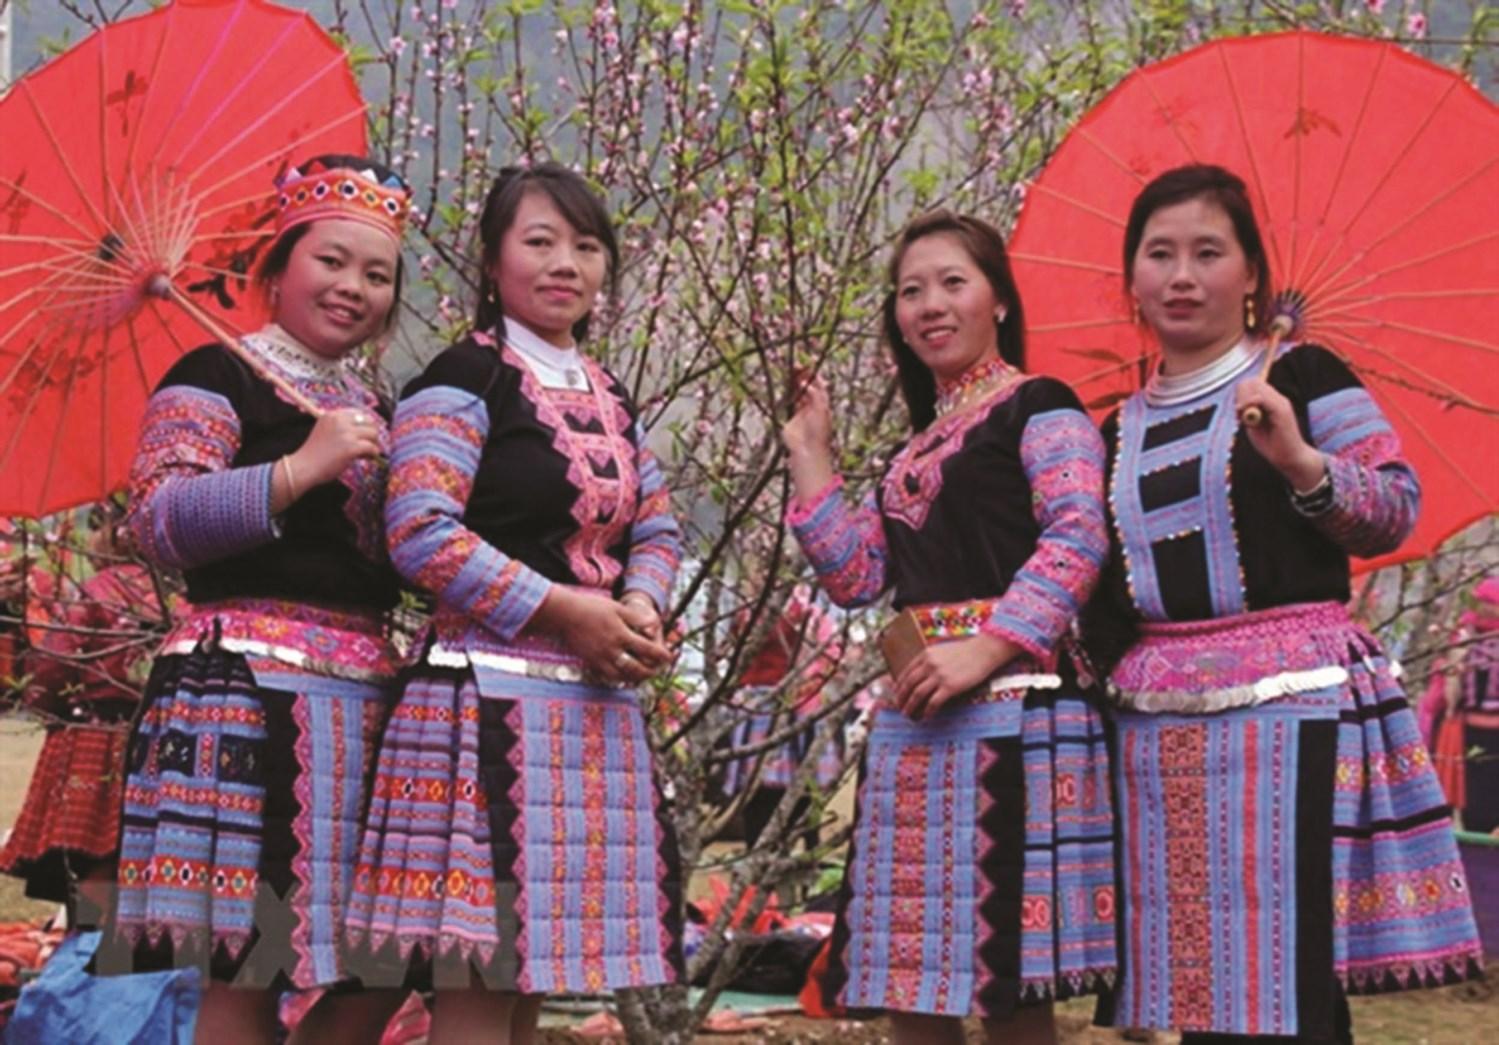 Những thiếu nữ dân tộc Mông trong trang phục truyền thống. (Ảnh TL)